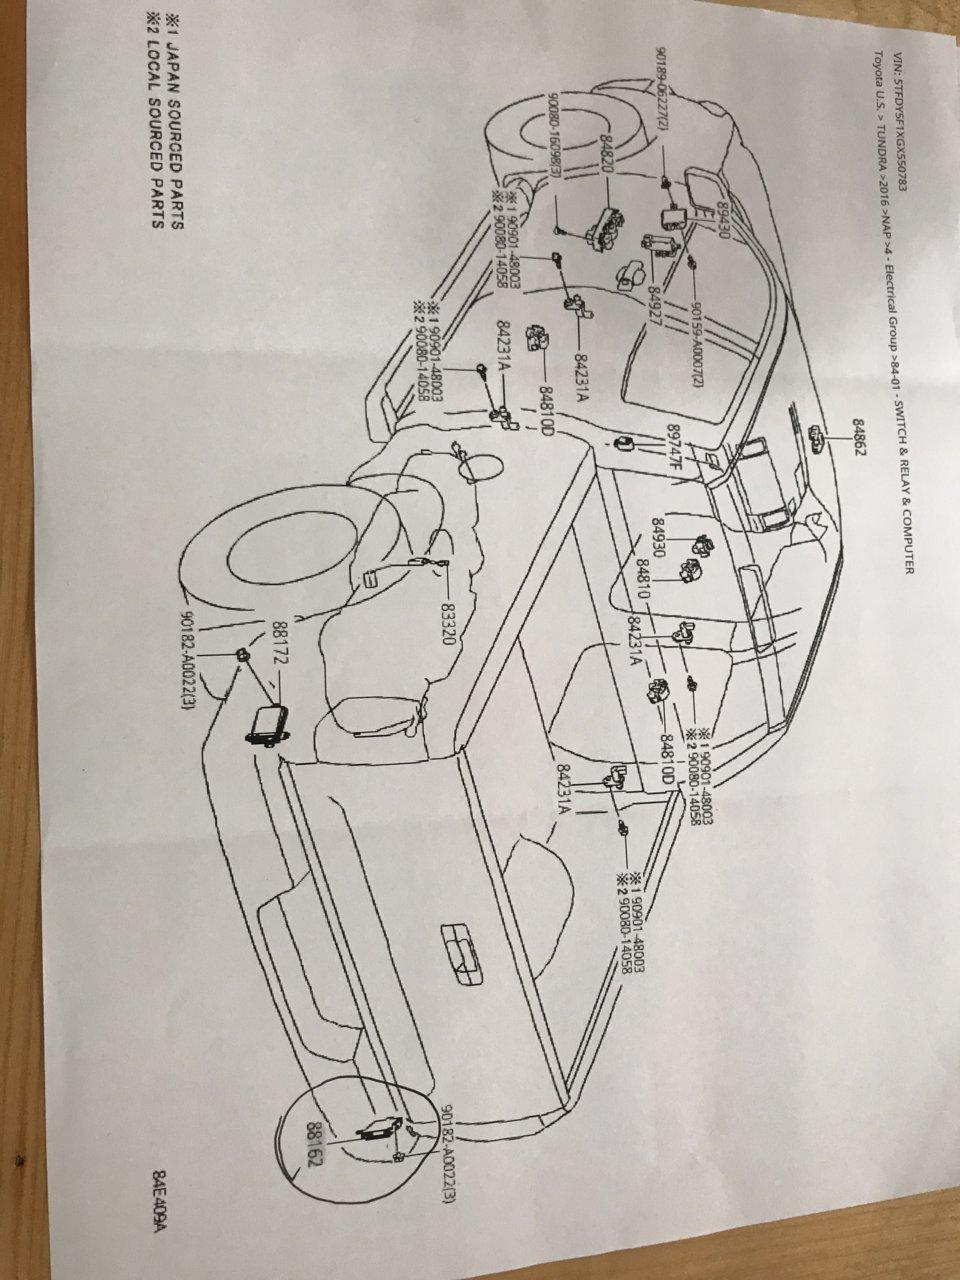 A28F653A-C1A6-4A88-A425-35523CBC4345.jpg